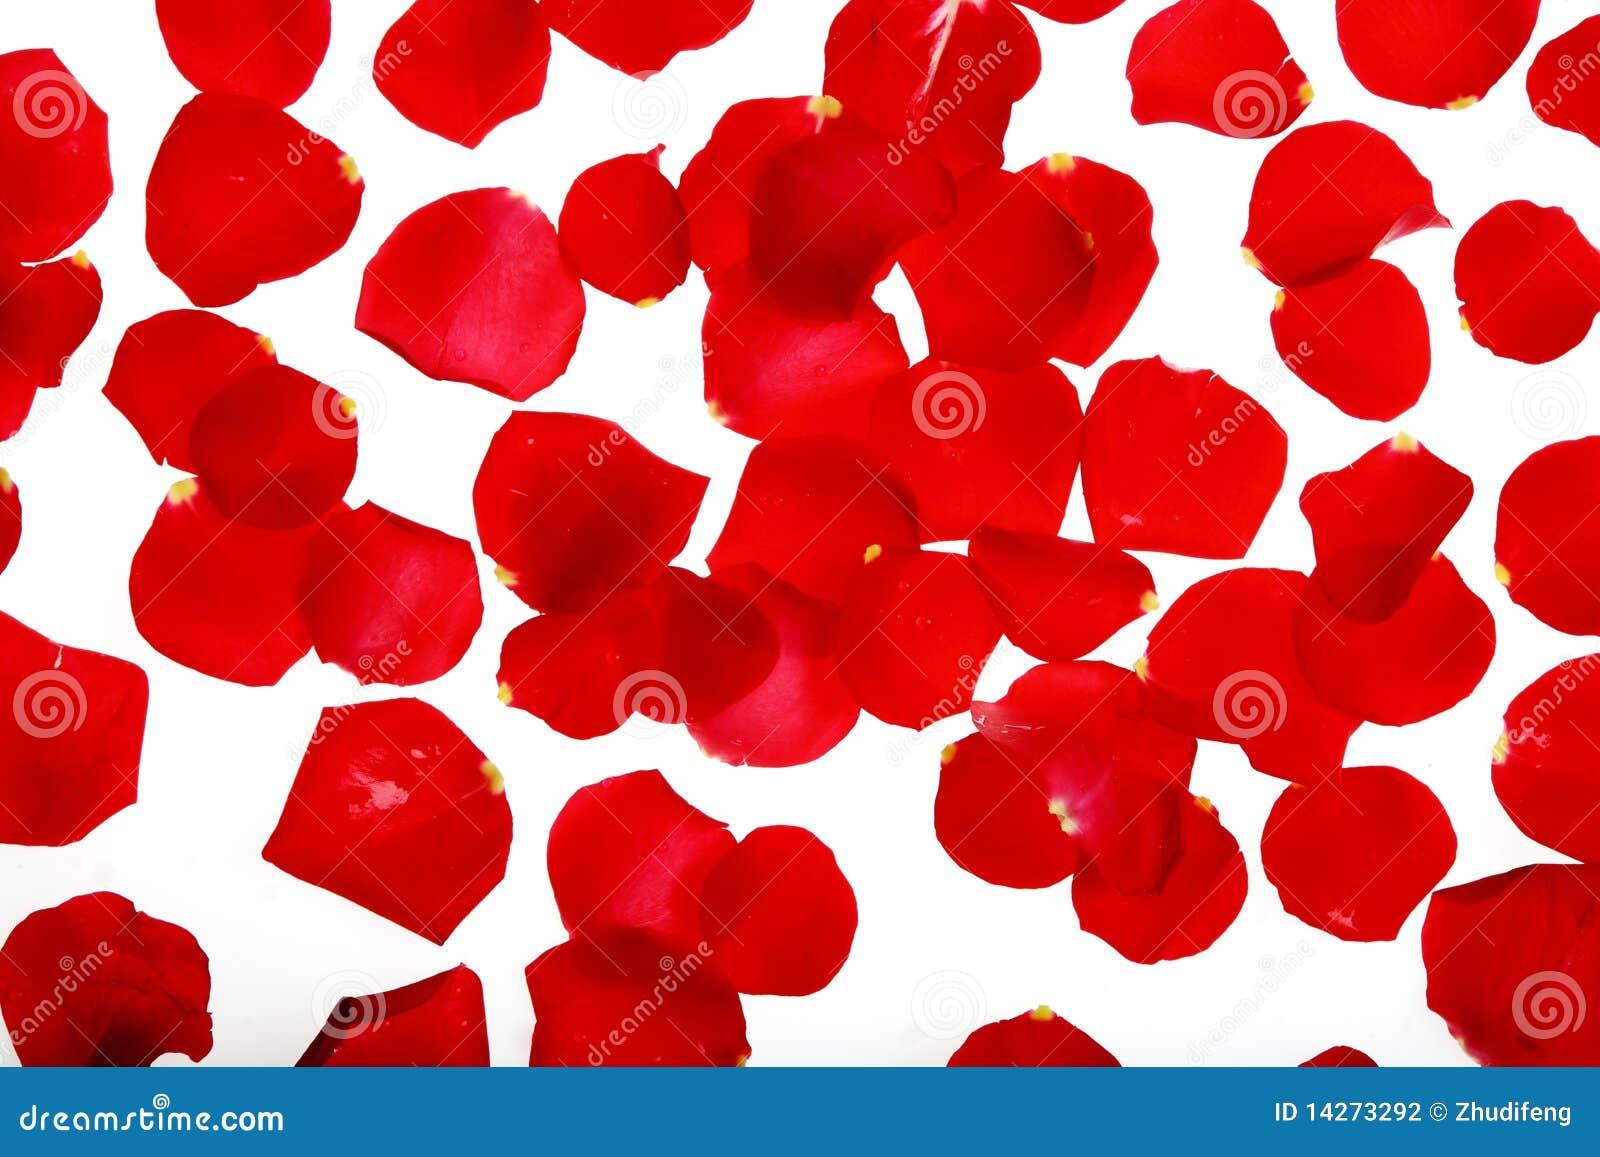 Pétalas de uma rosa